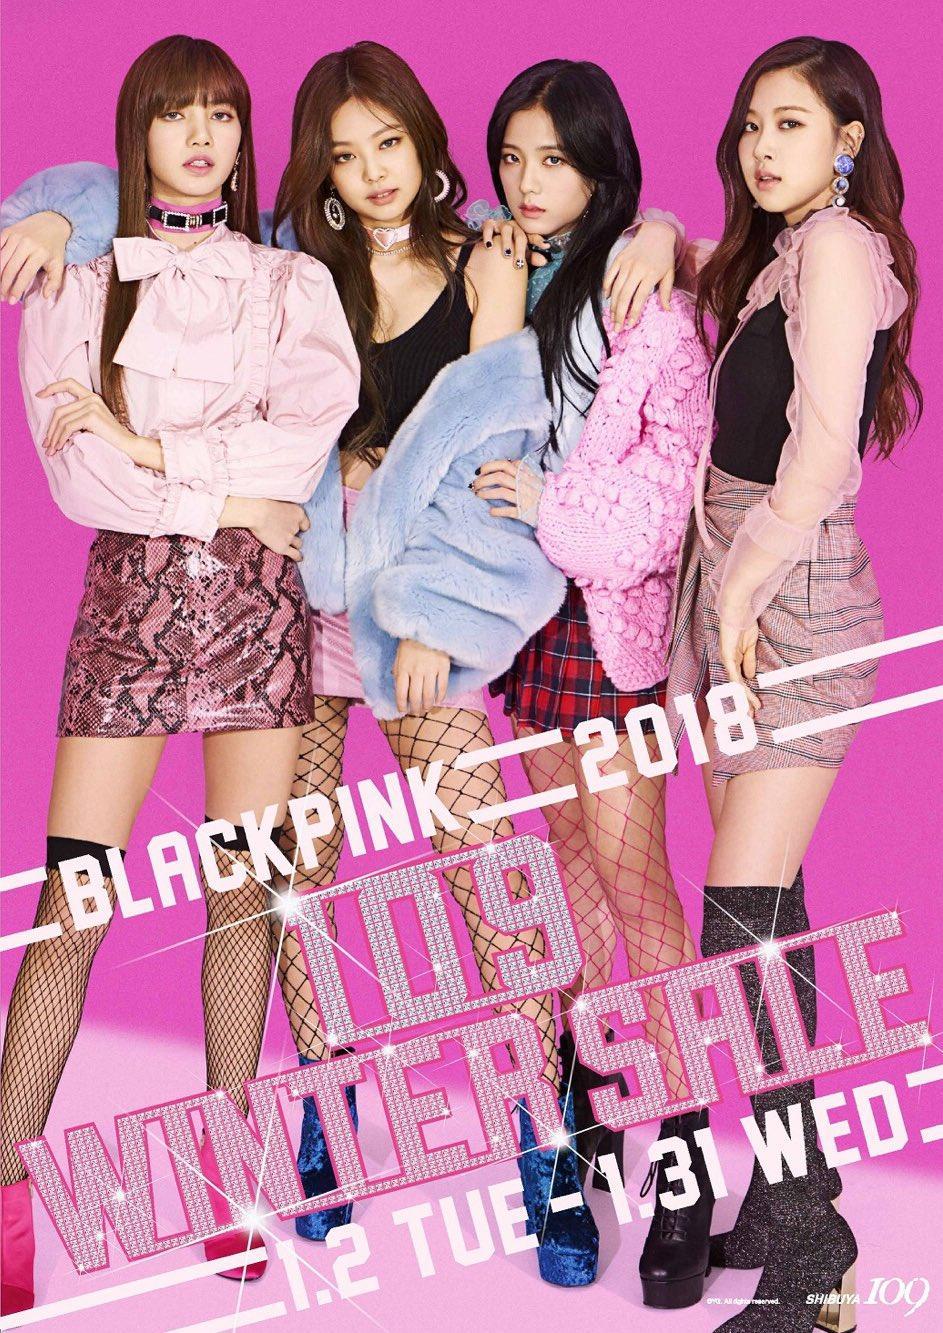 Download 4000+ Wallpaper Black Pink Terbaru  Gratis